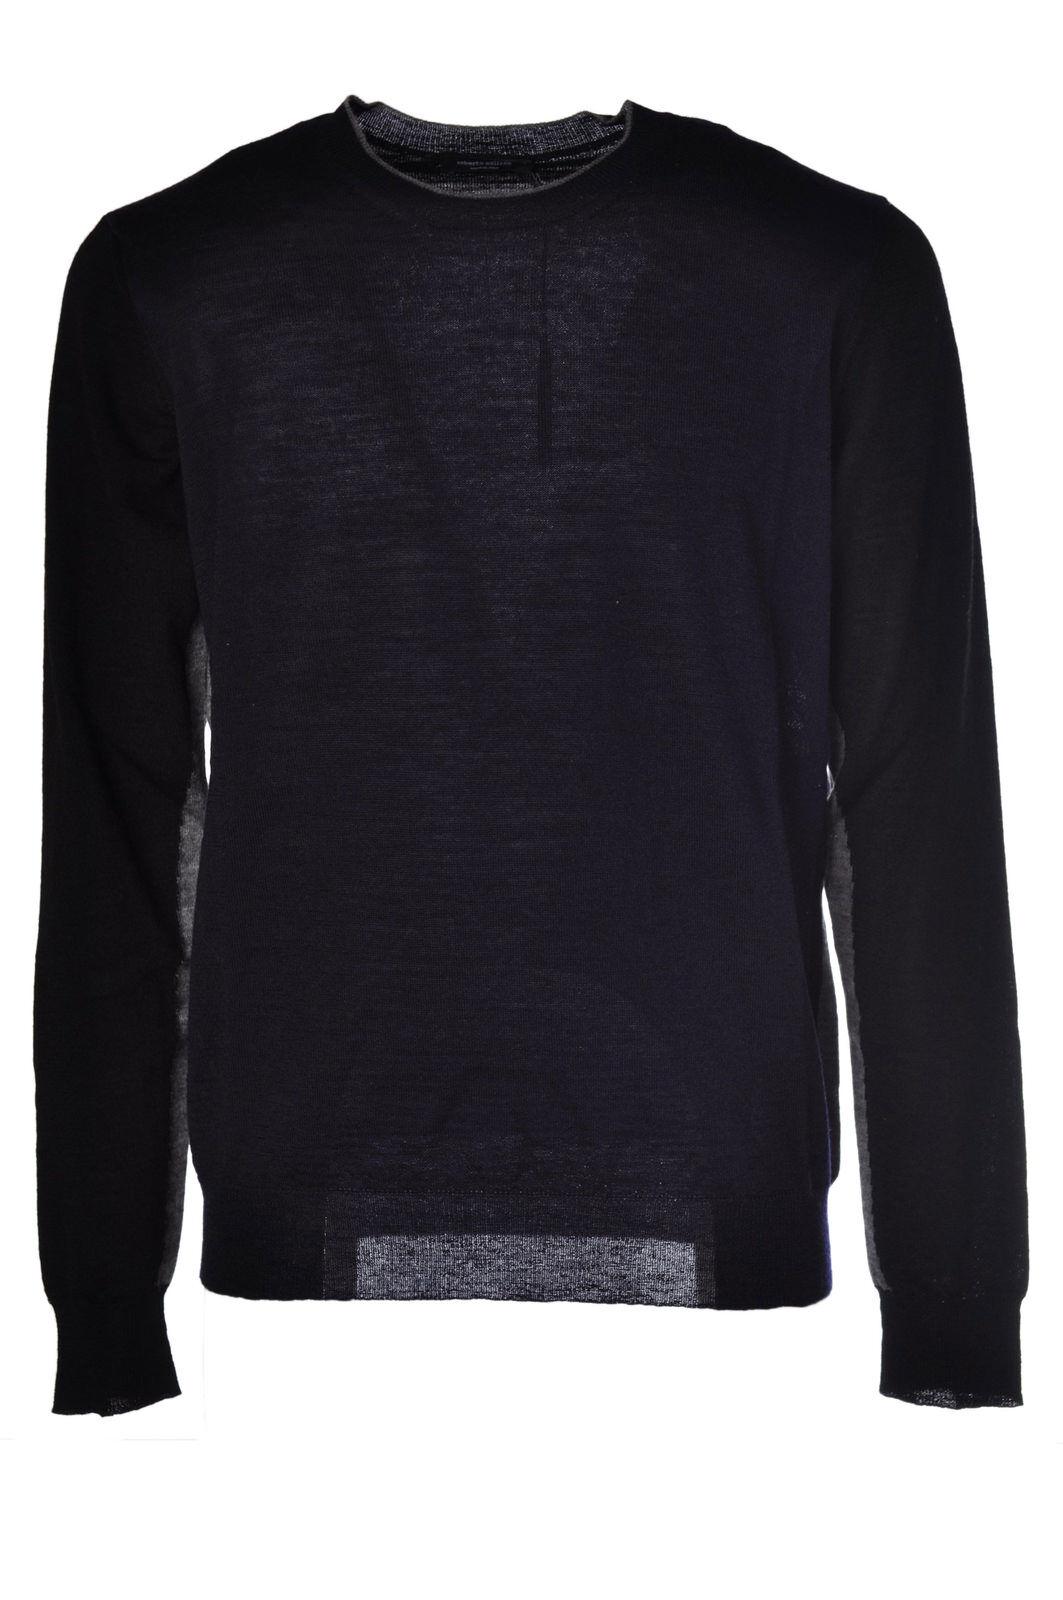 Roberto Collina - Knitwear-Sweaters - Man - Blau - 474315C180923